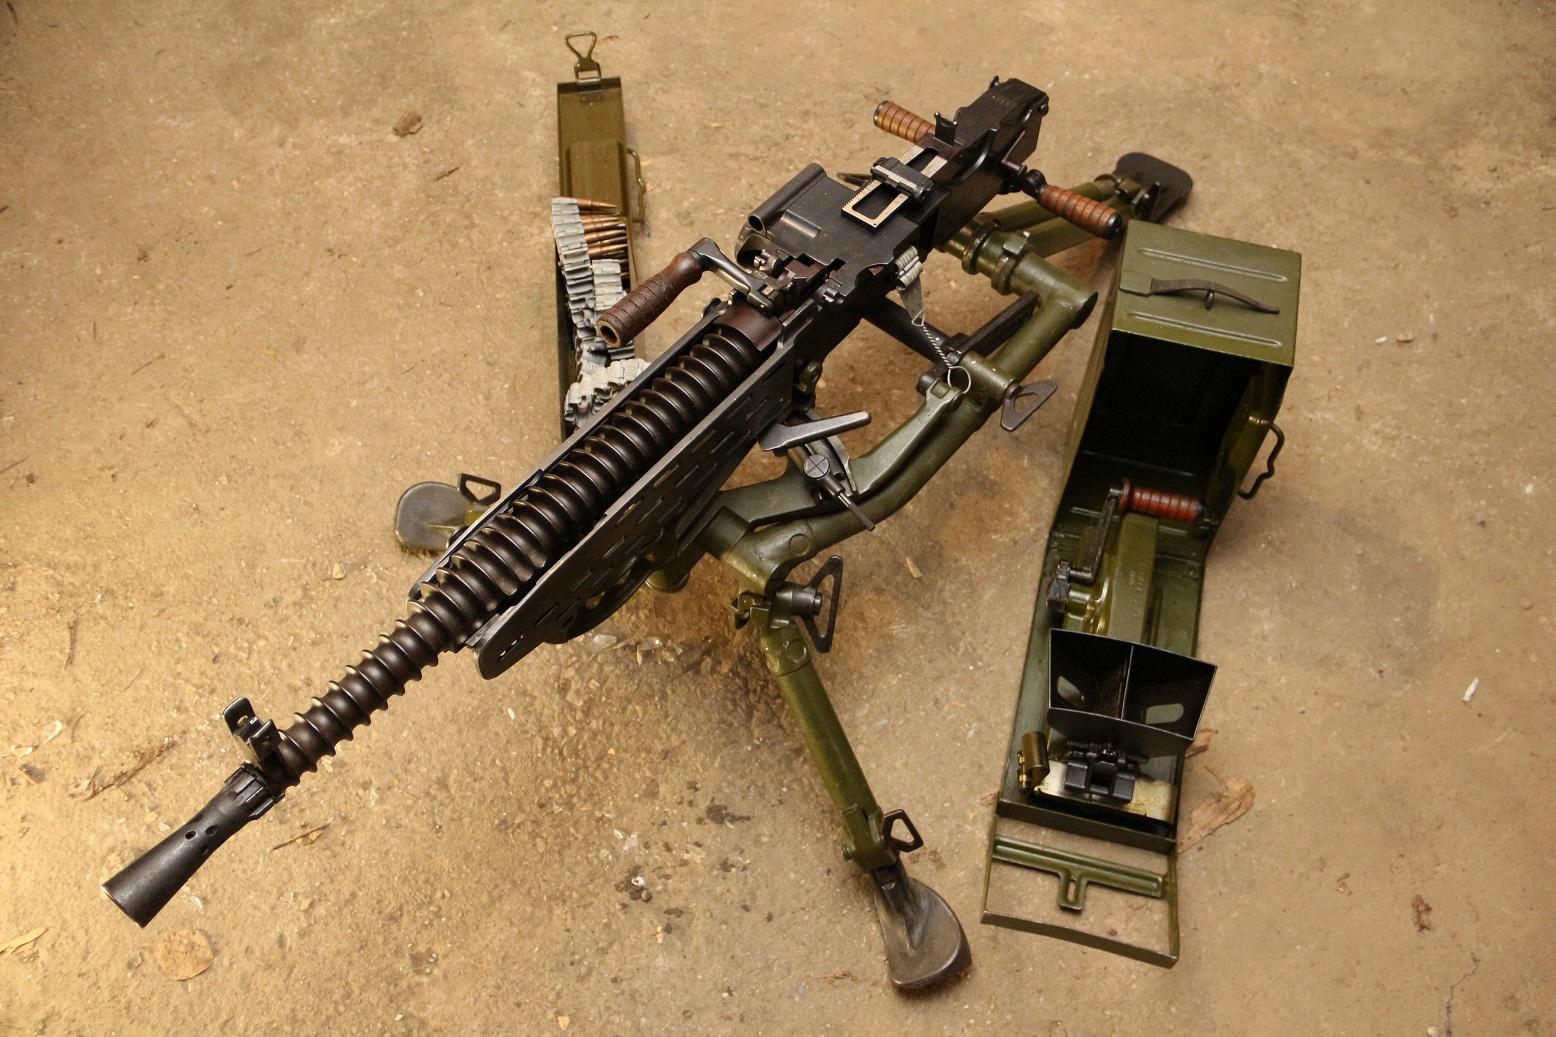 Станковый пулемет ZB vz. 37 #5592, коллекционный комплект, трофей ww2